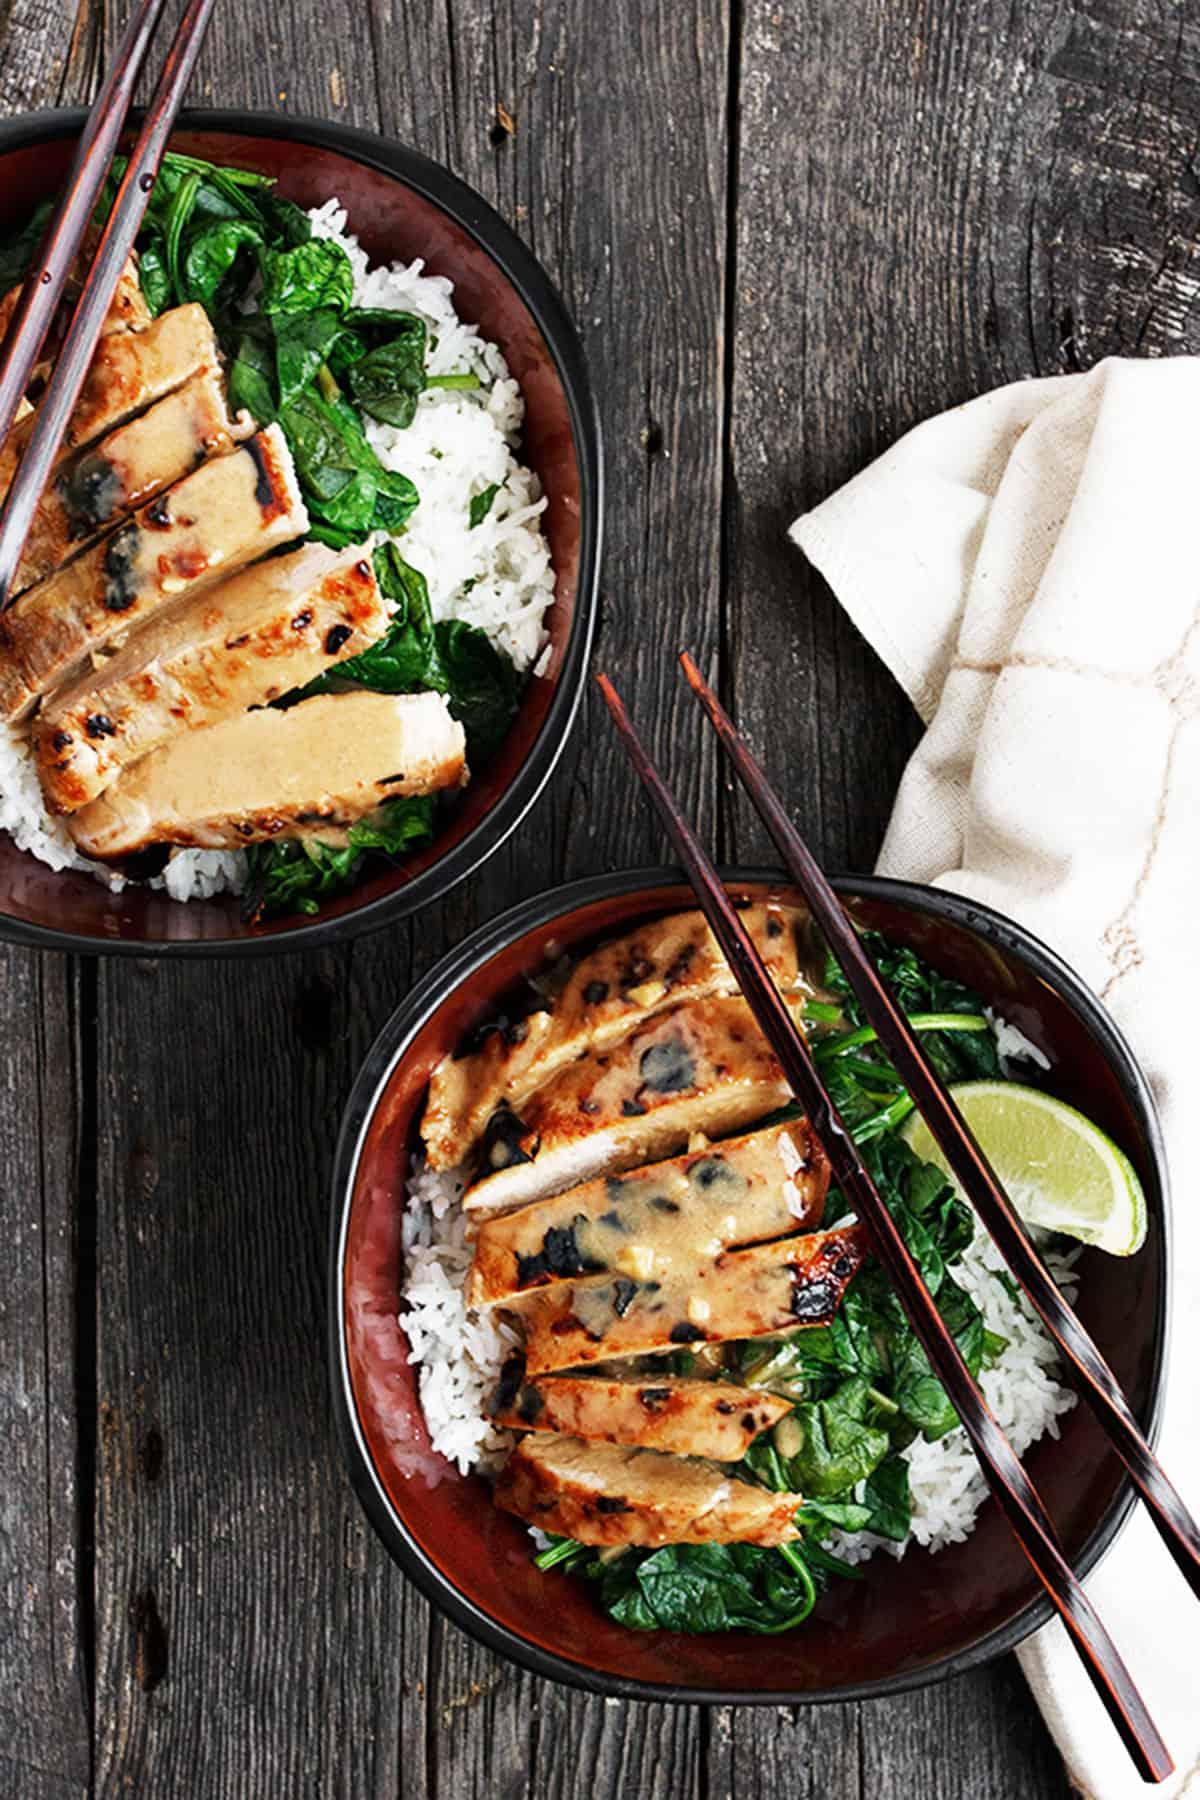 Thai pork tenderloin rice bowl in Asian bowl with chopsticks